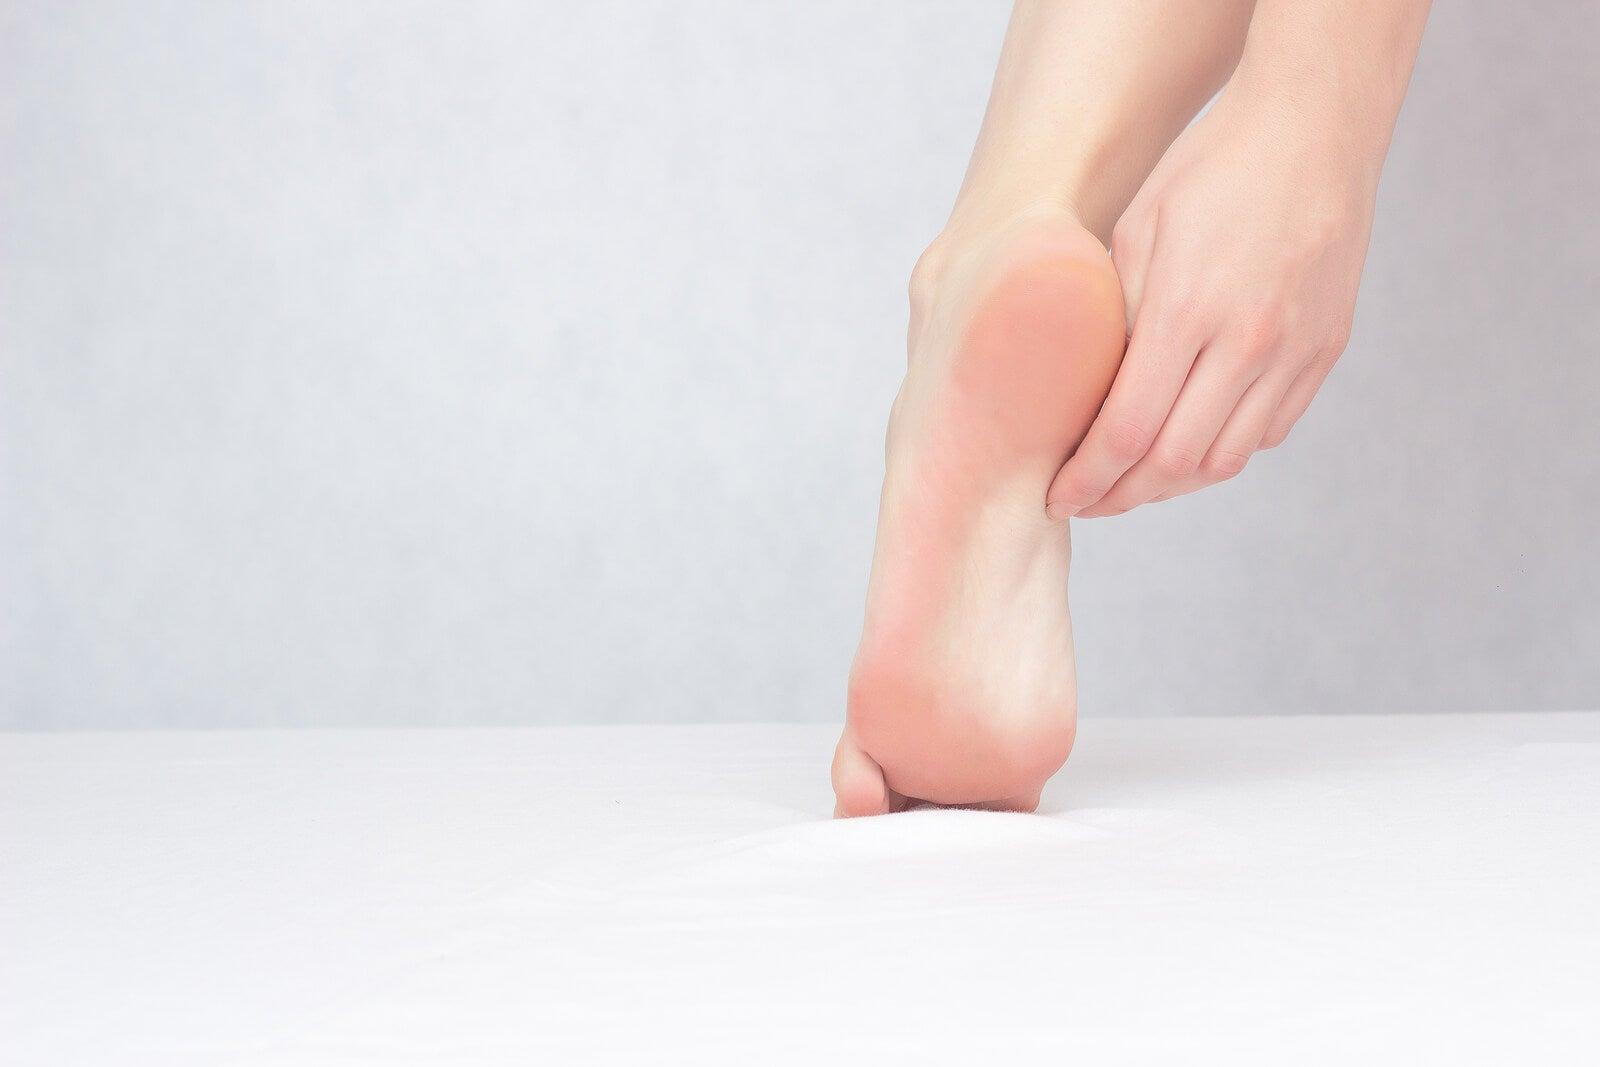 Picor de pies a causa de una dermatitis plantar.